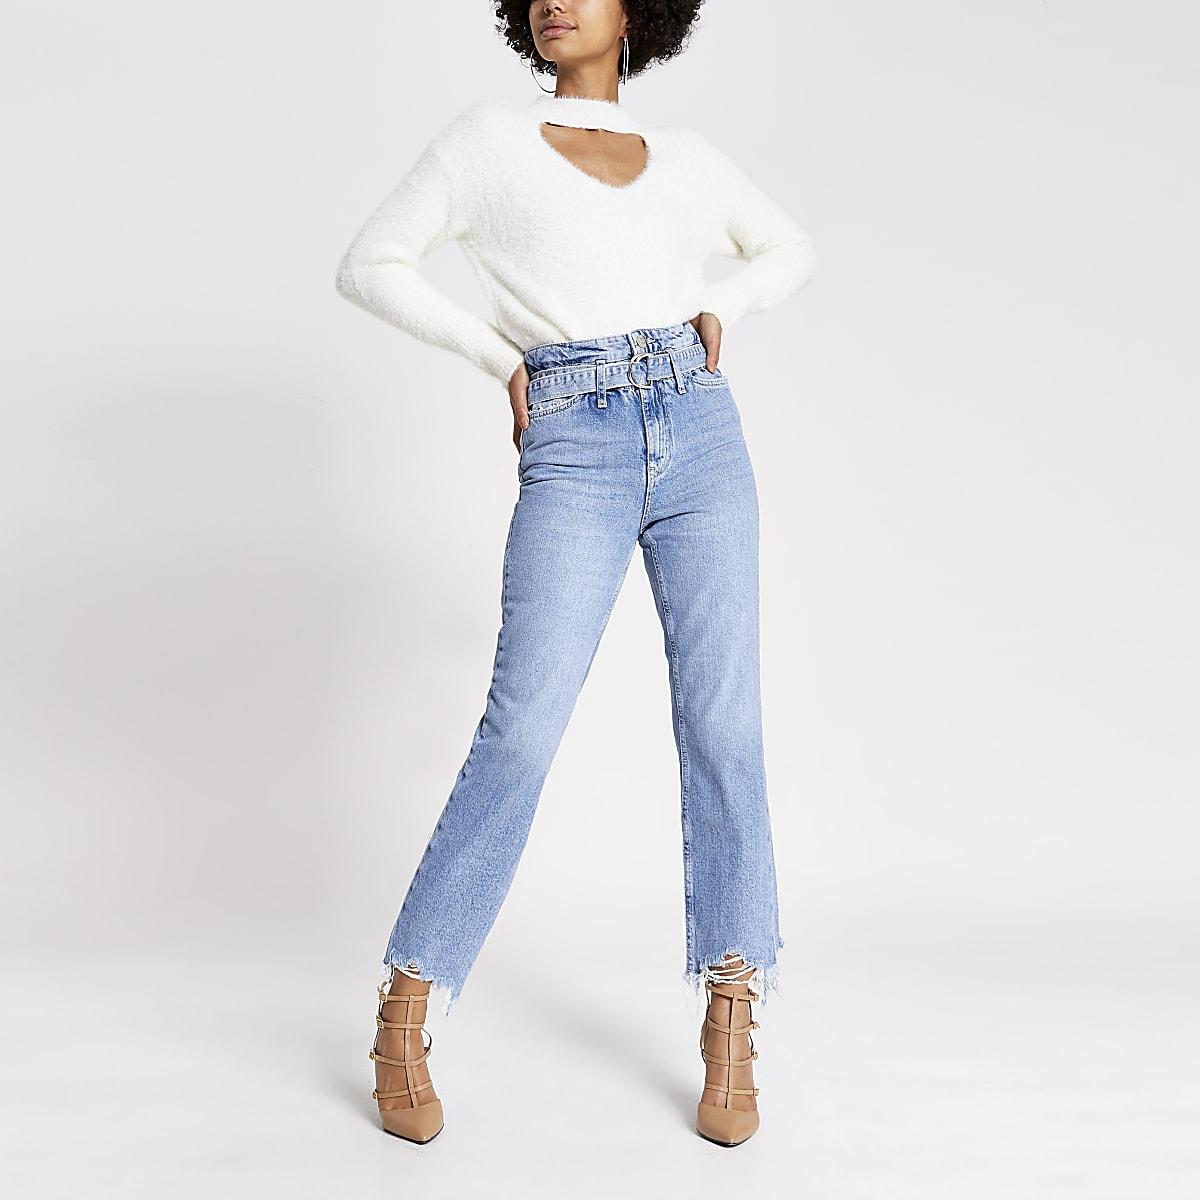 Jeans Mombleus taille haute ceinturée avec ourlet brut